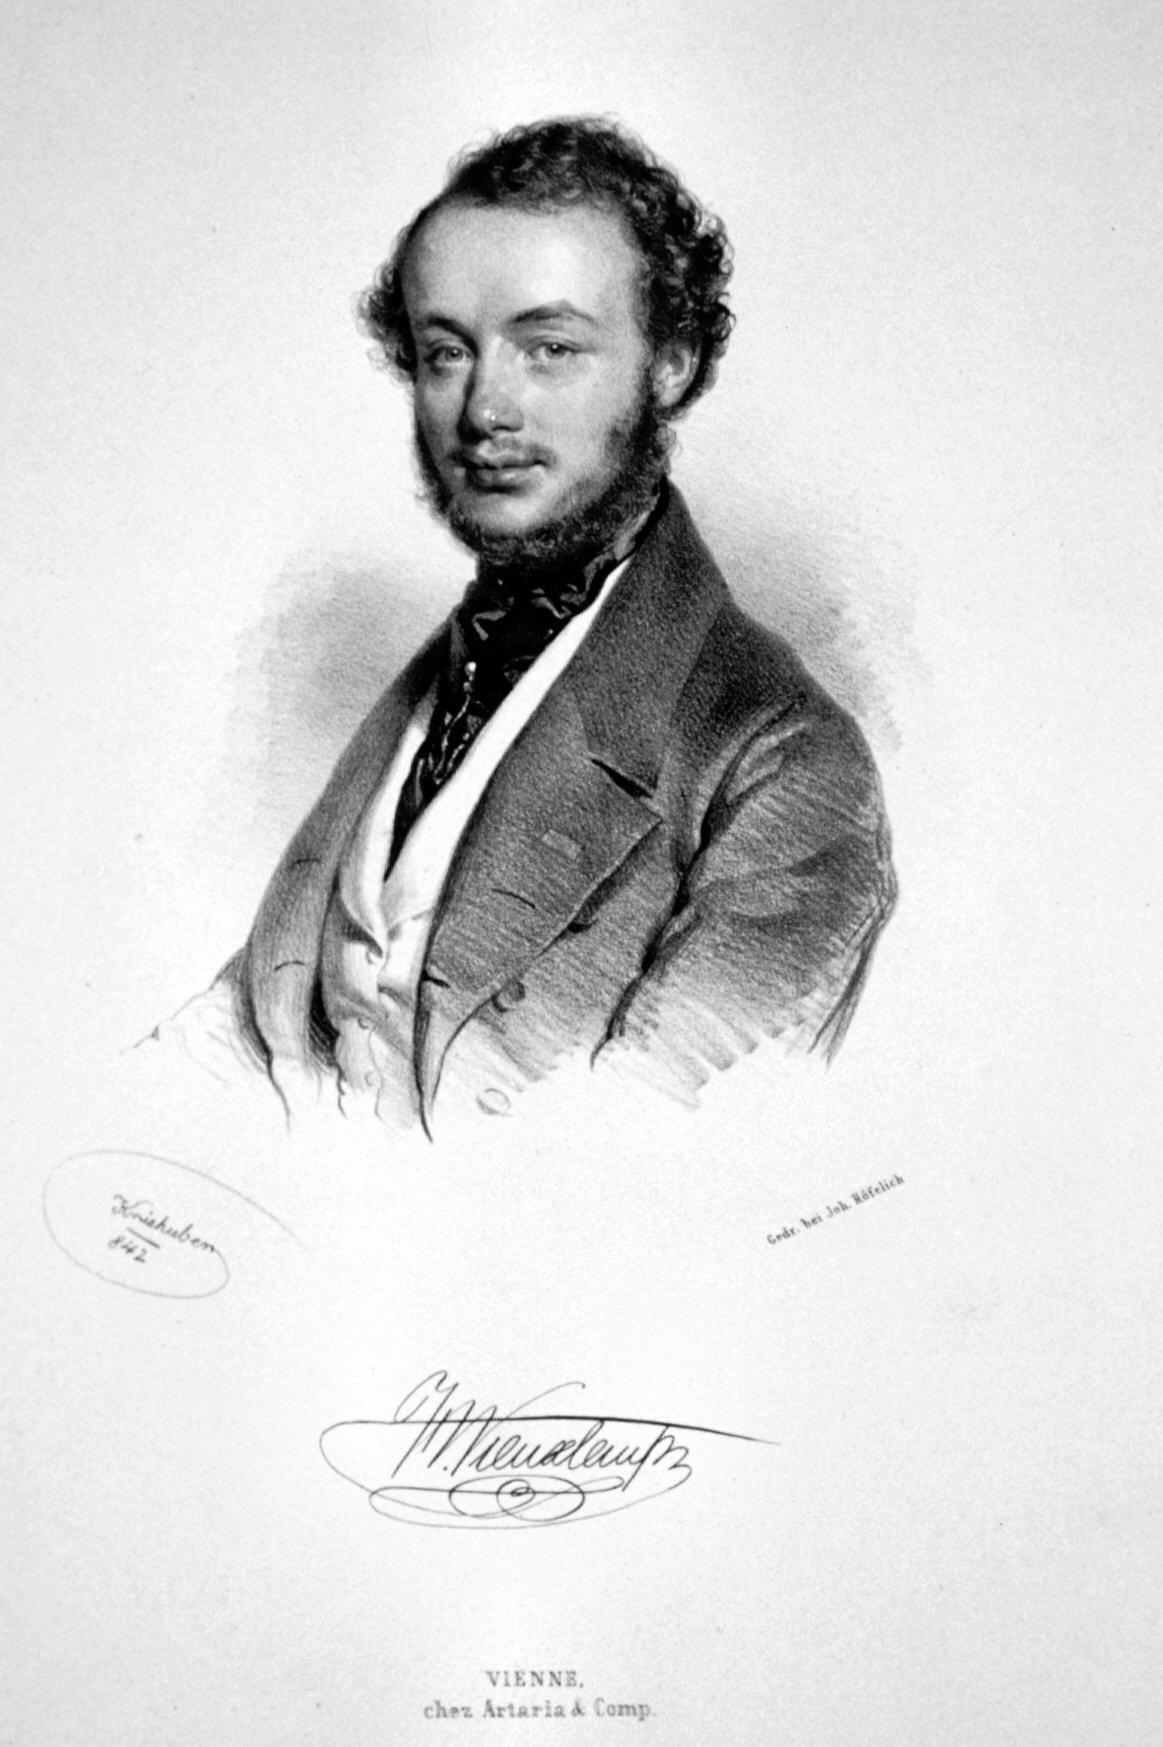 Henri Vieuxtemps, Lithograph by [[Josef Kriehuber